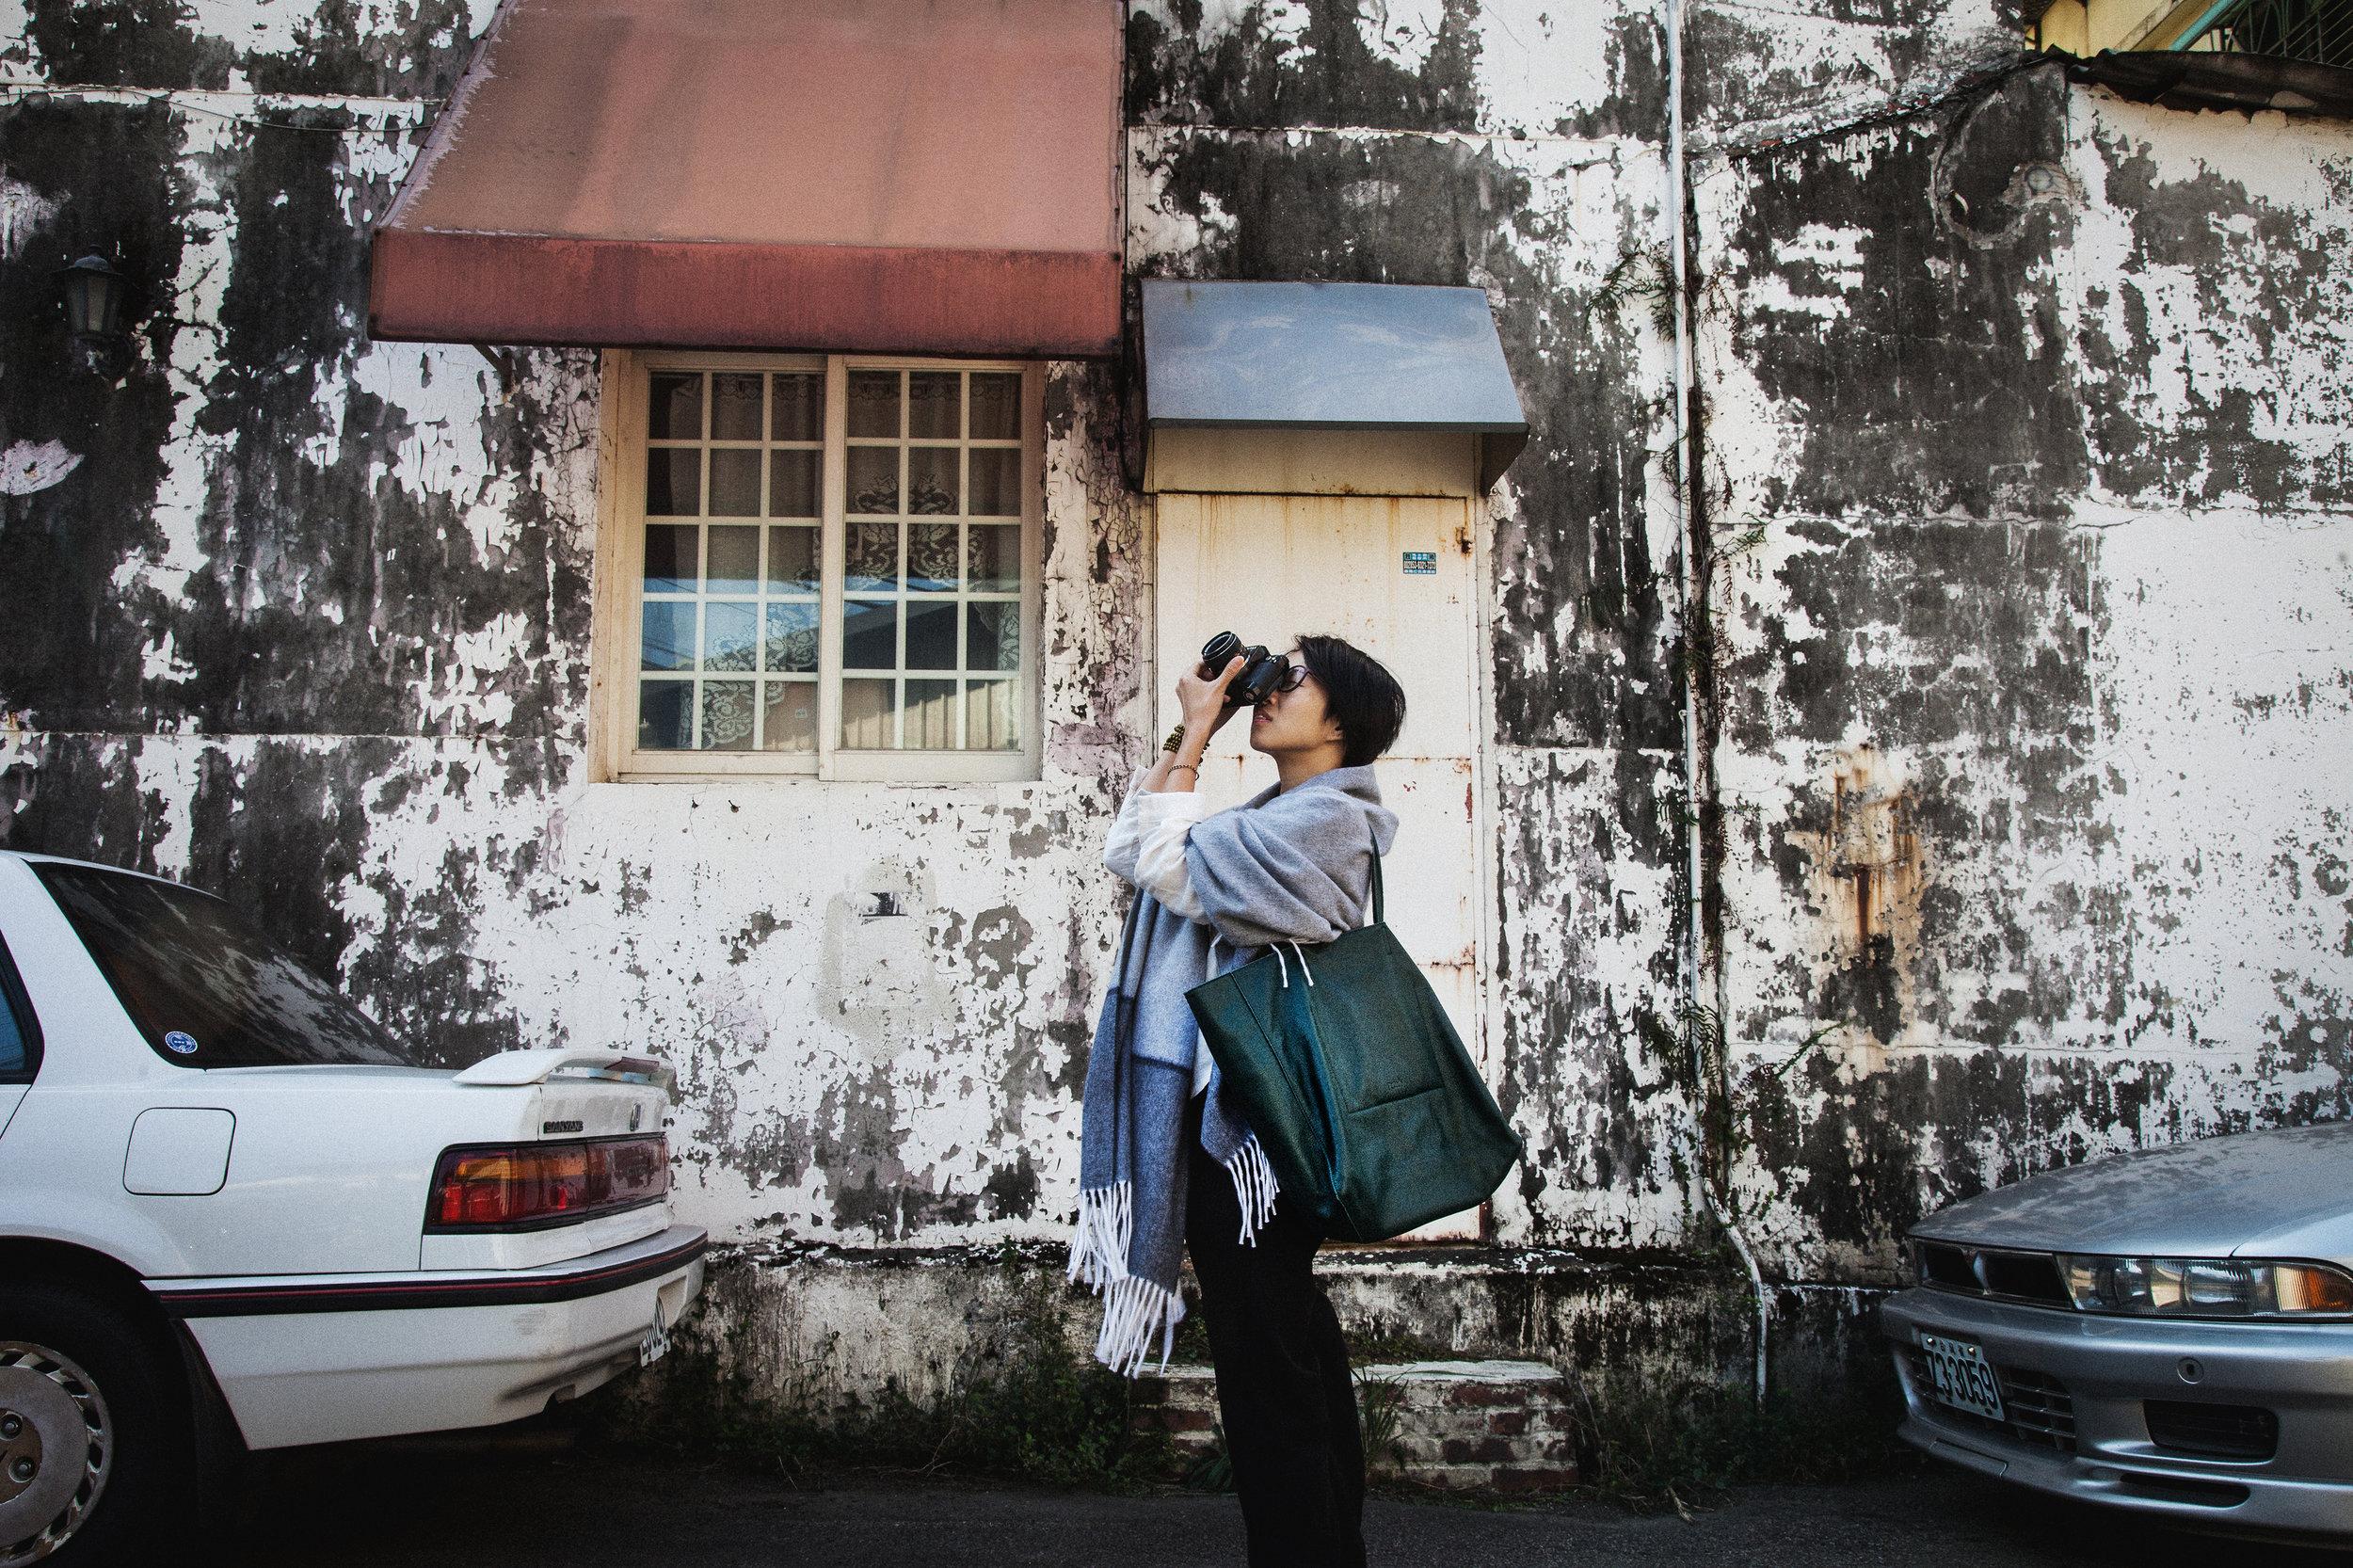 生於香港 。畢業於香港專業教育學院攝影系。 攝影理念以「人」為本,致力透過影像傳遞人內在最真誠的情感,連結人與社會之間平等自由與博愛精神,用生命按下快門。